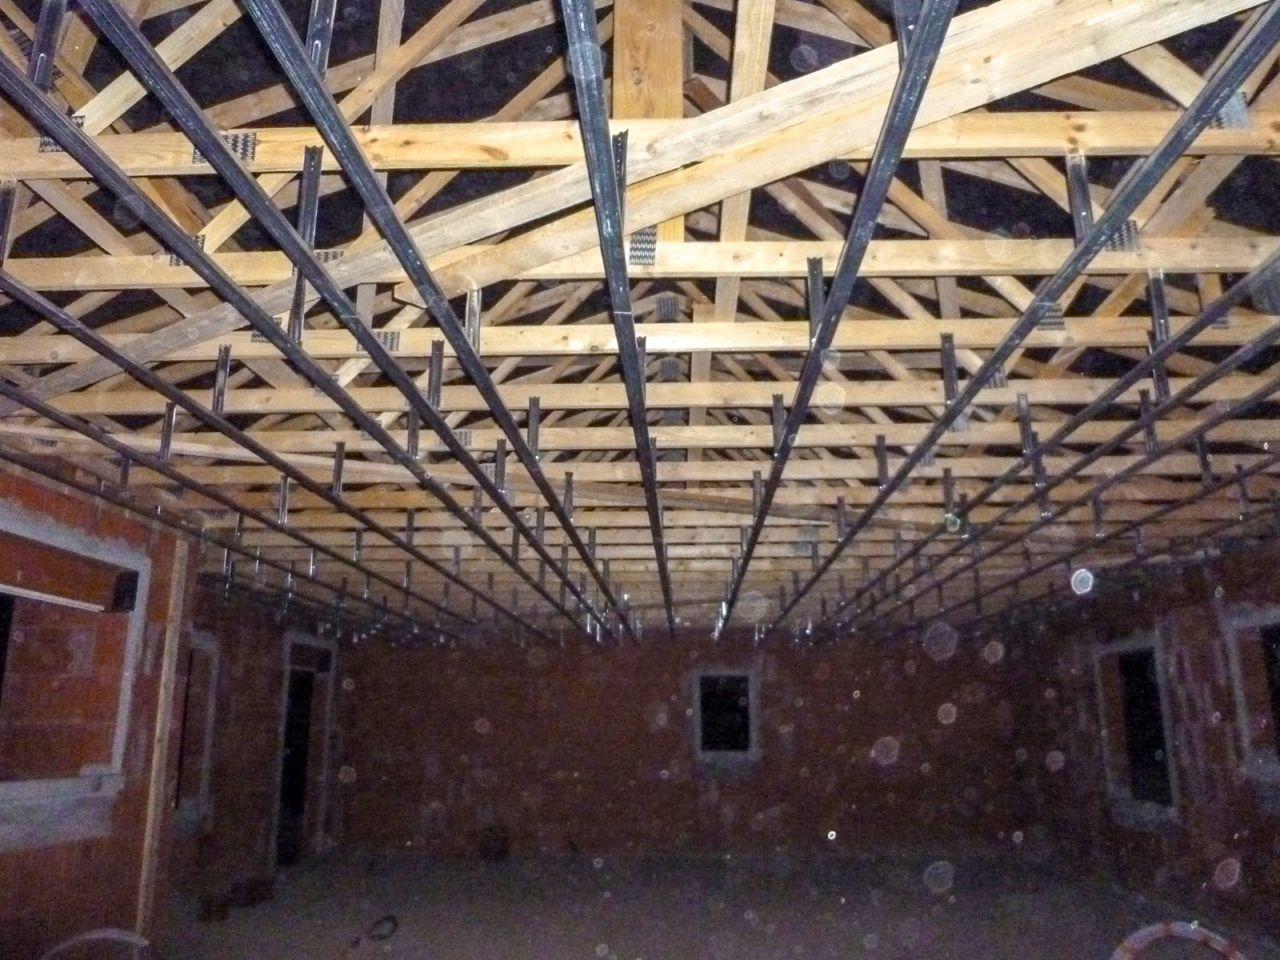 Pose des rails au plafond.